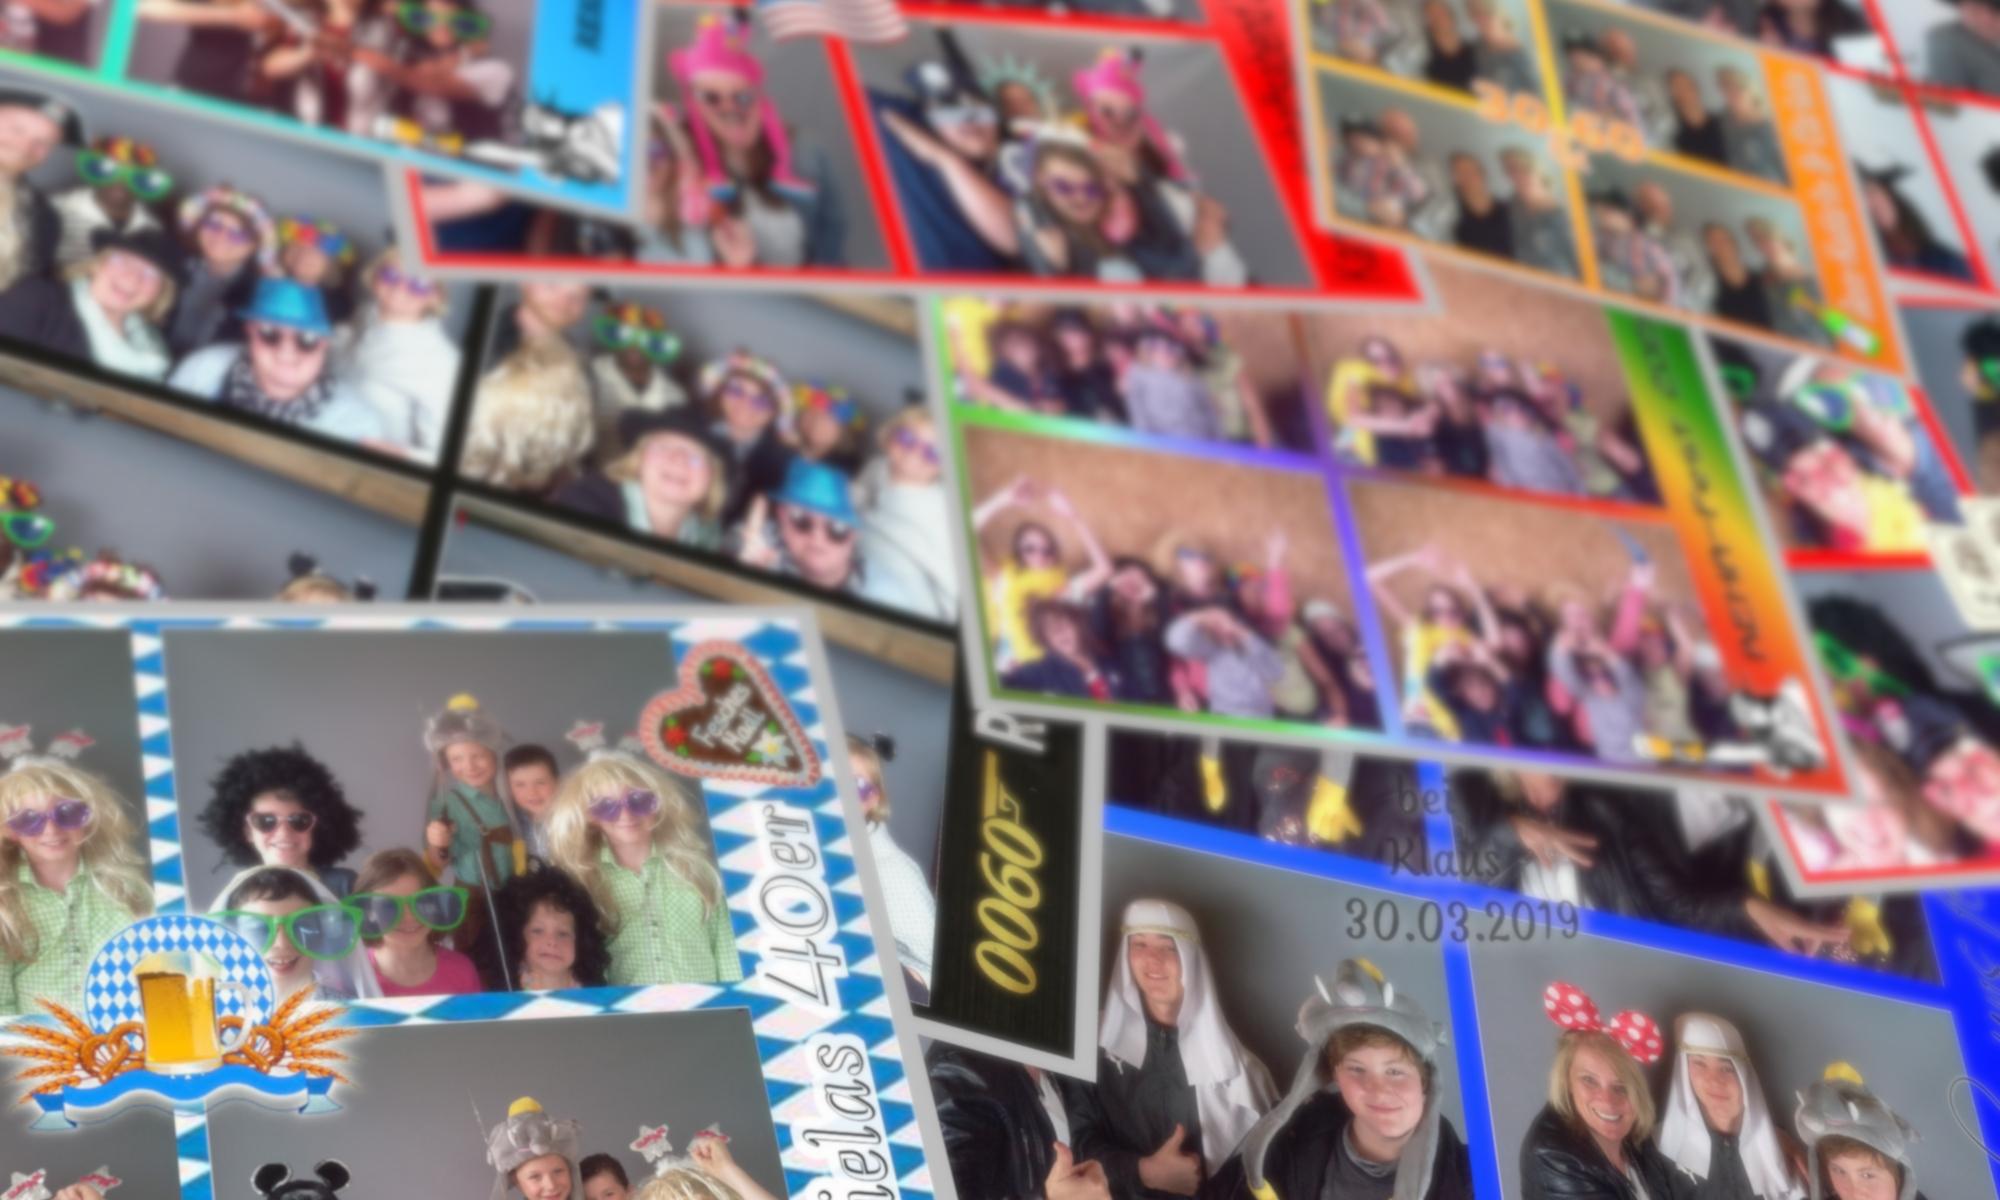 Spass-Ablichter Fotobox